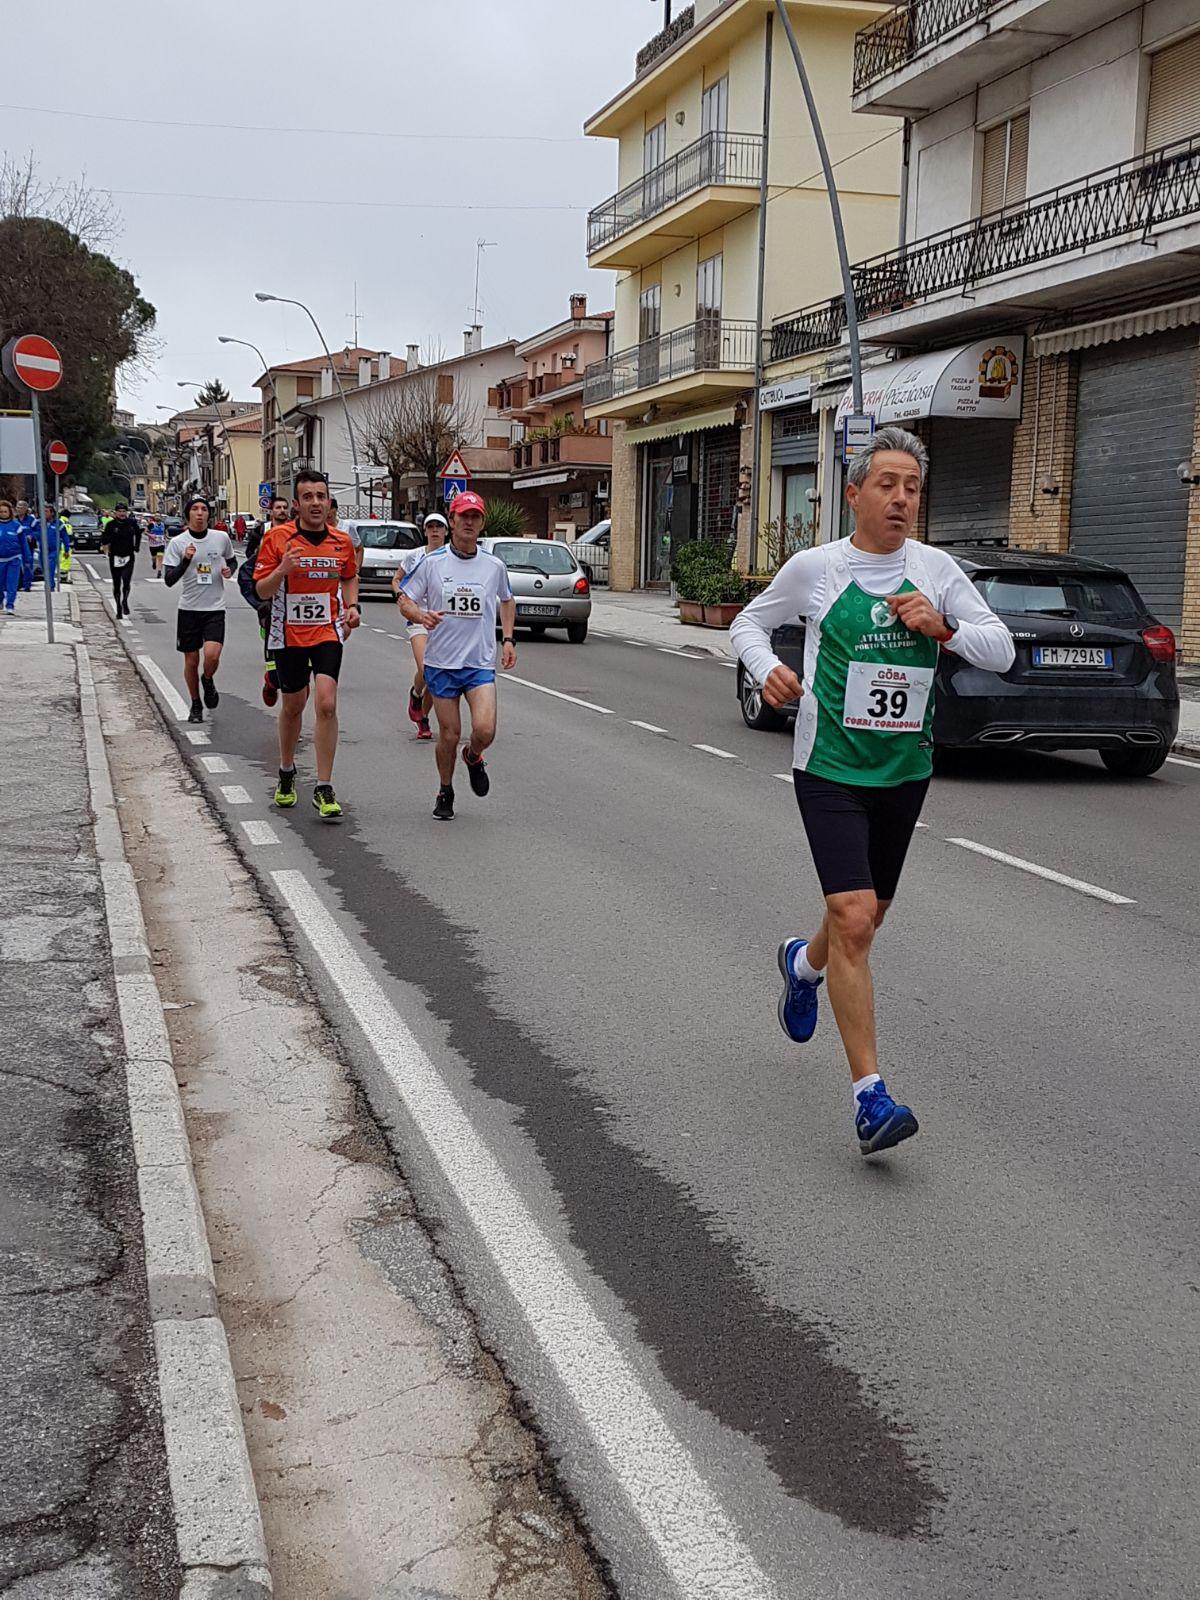 Corridonia  2018-03-18 at 13.49.46